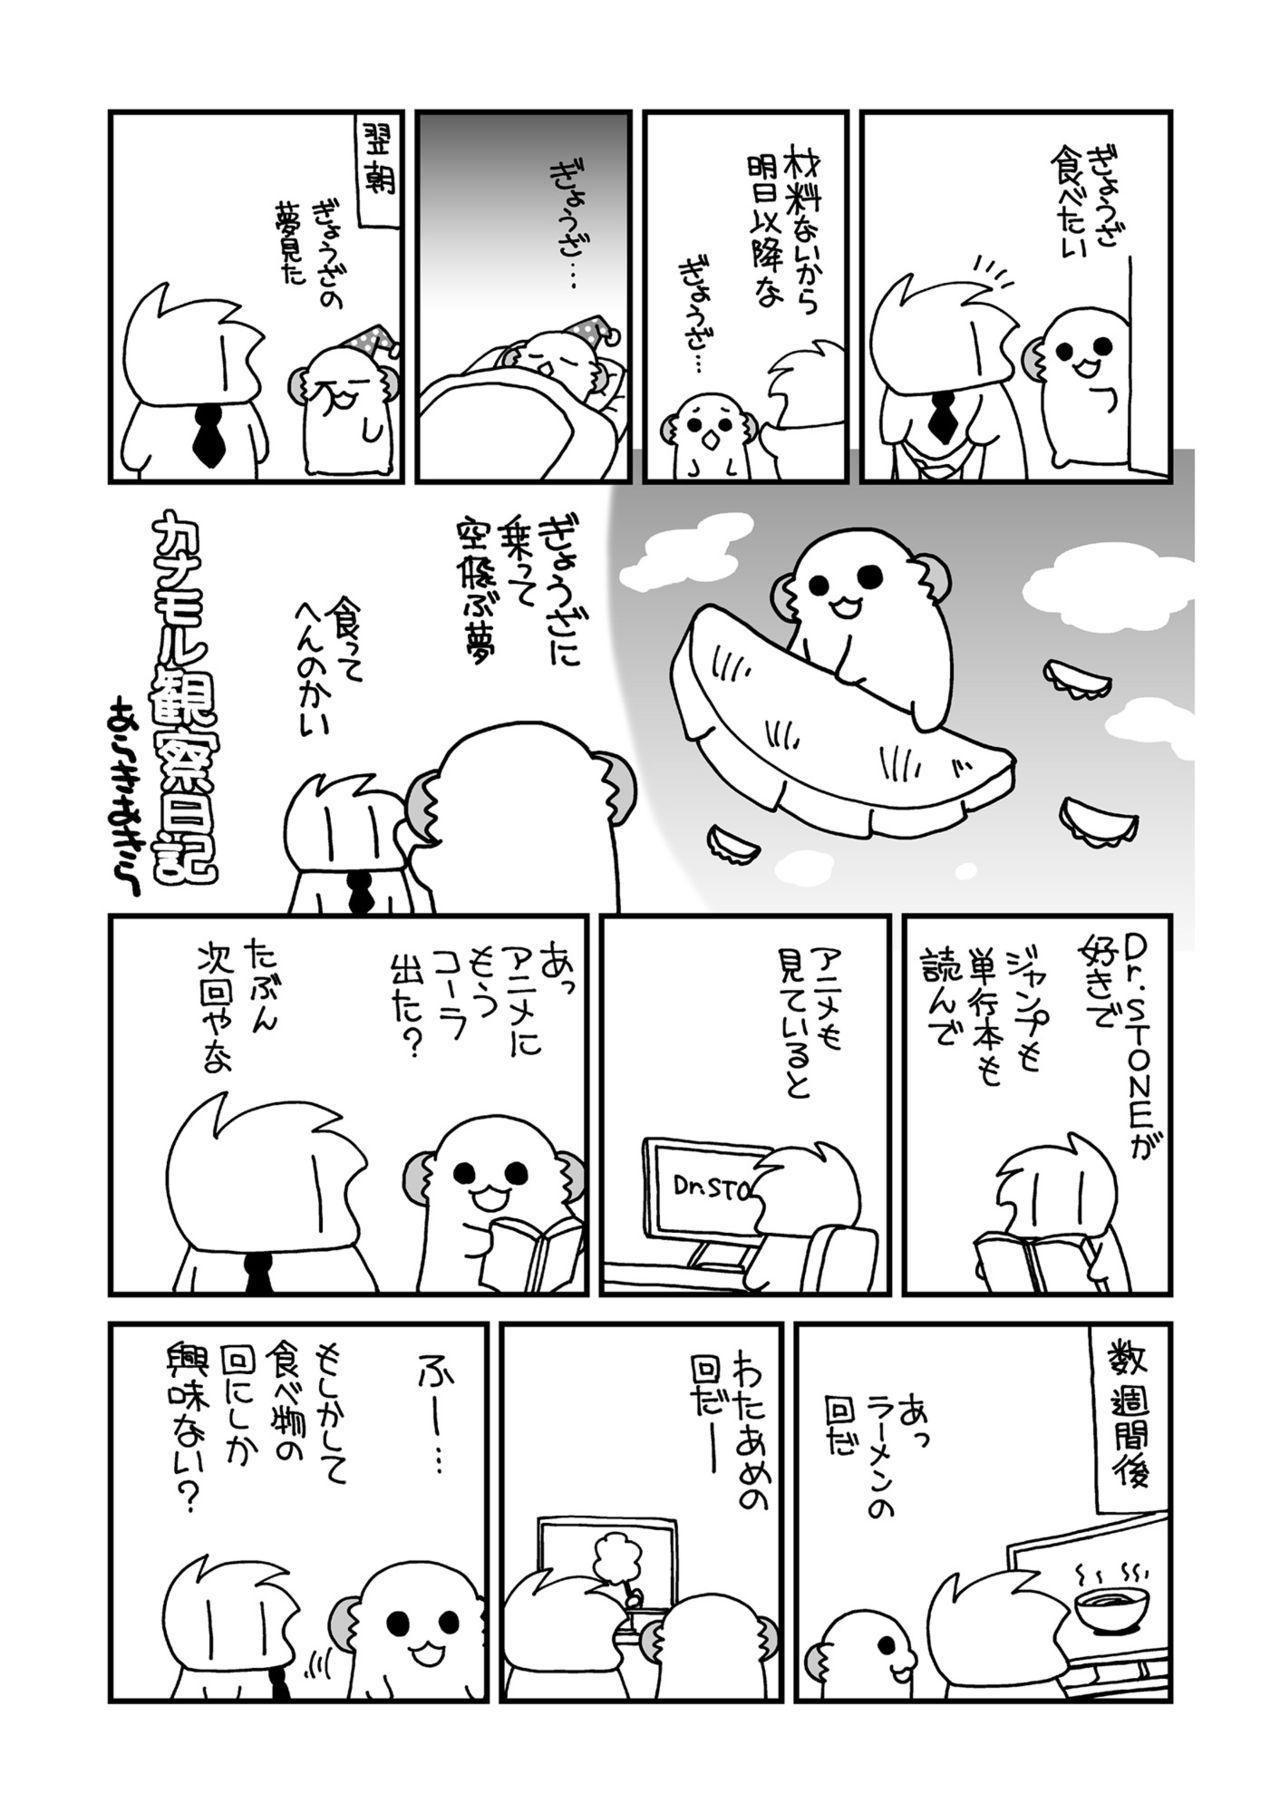 Nyotaika Shita Ore no Tadareta Makura Eigyou Seikatsu 27